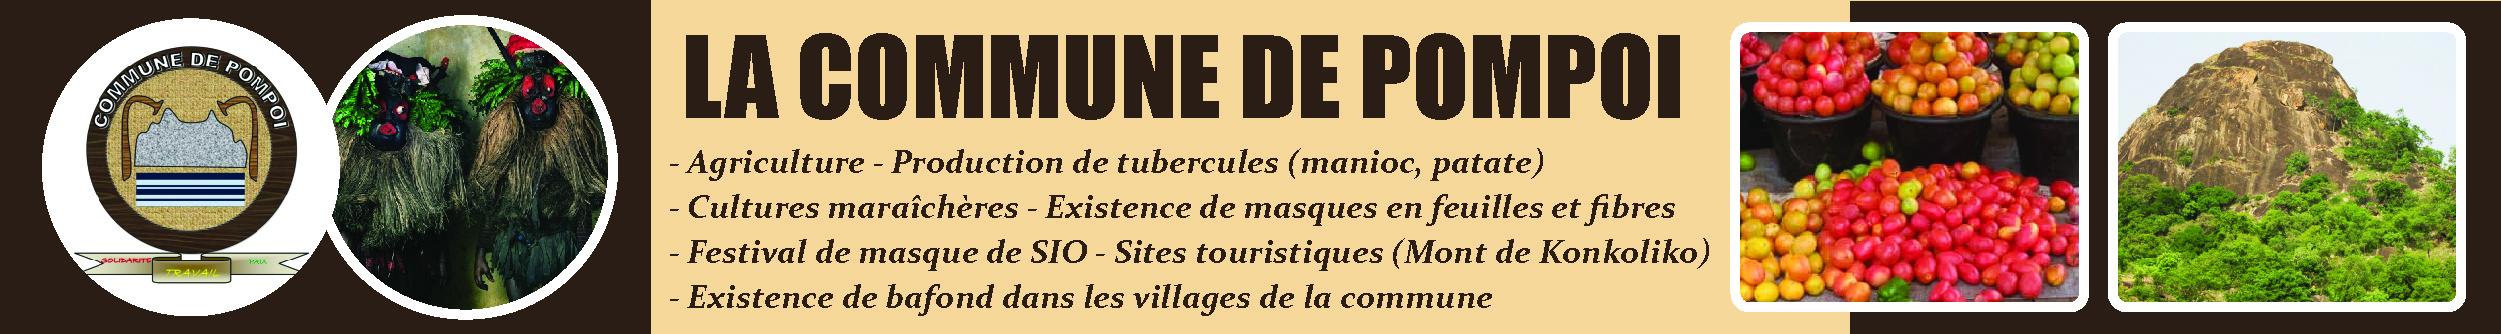 POMPOI – Bienvenue sur le Portail Web de la commune